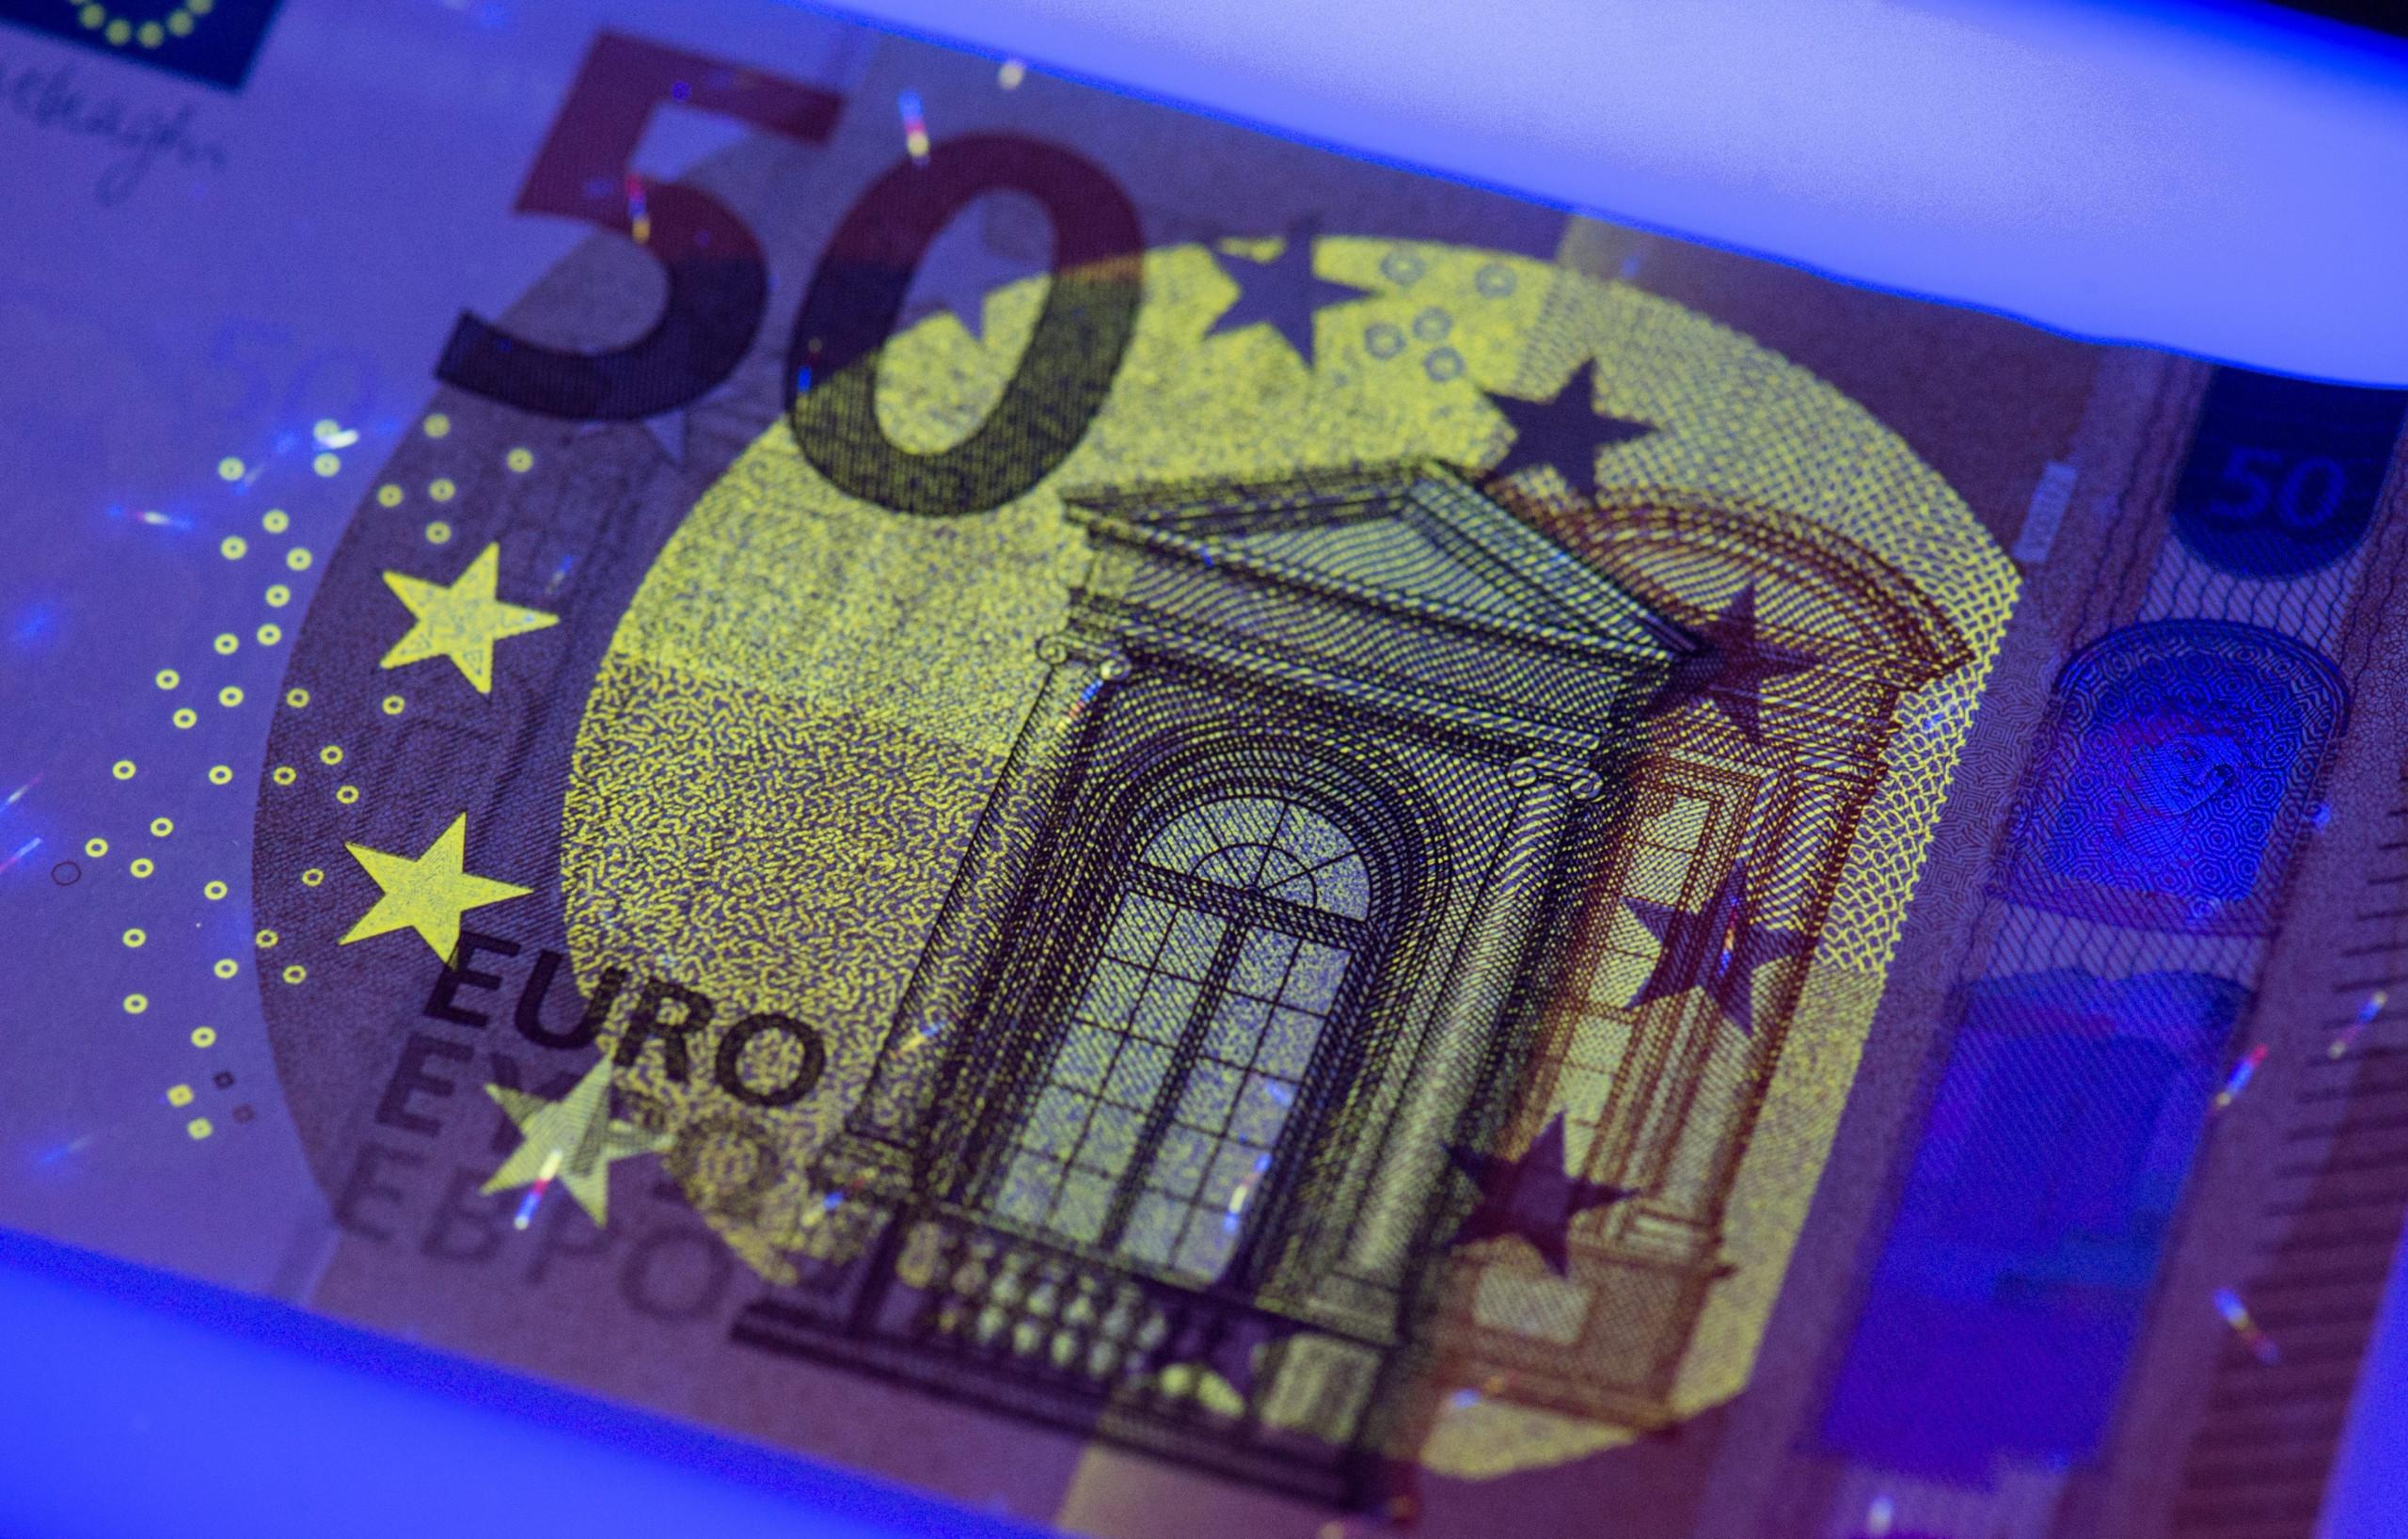 Bancos precisam de 24.500 milhões para cumprir requisito de capitalização